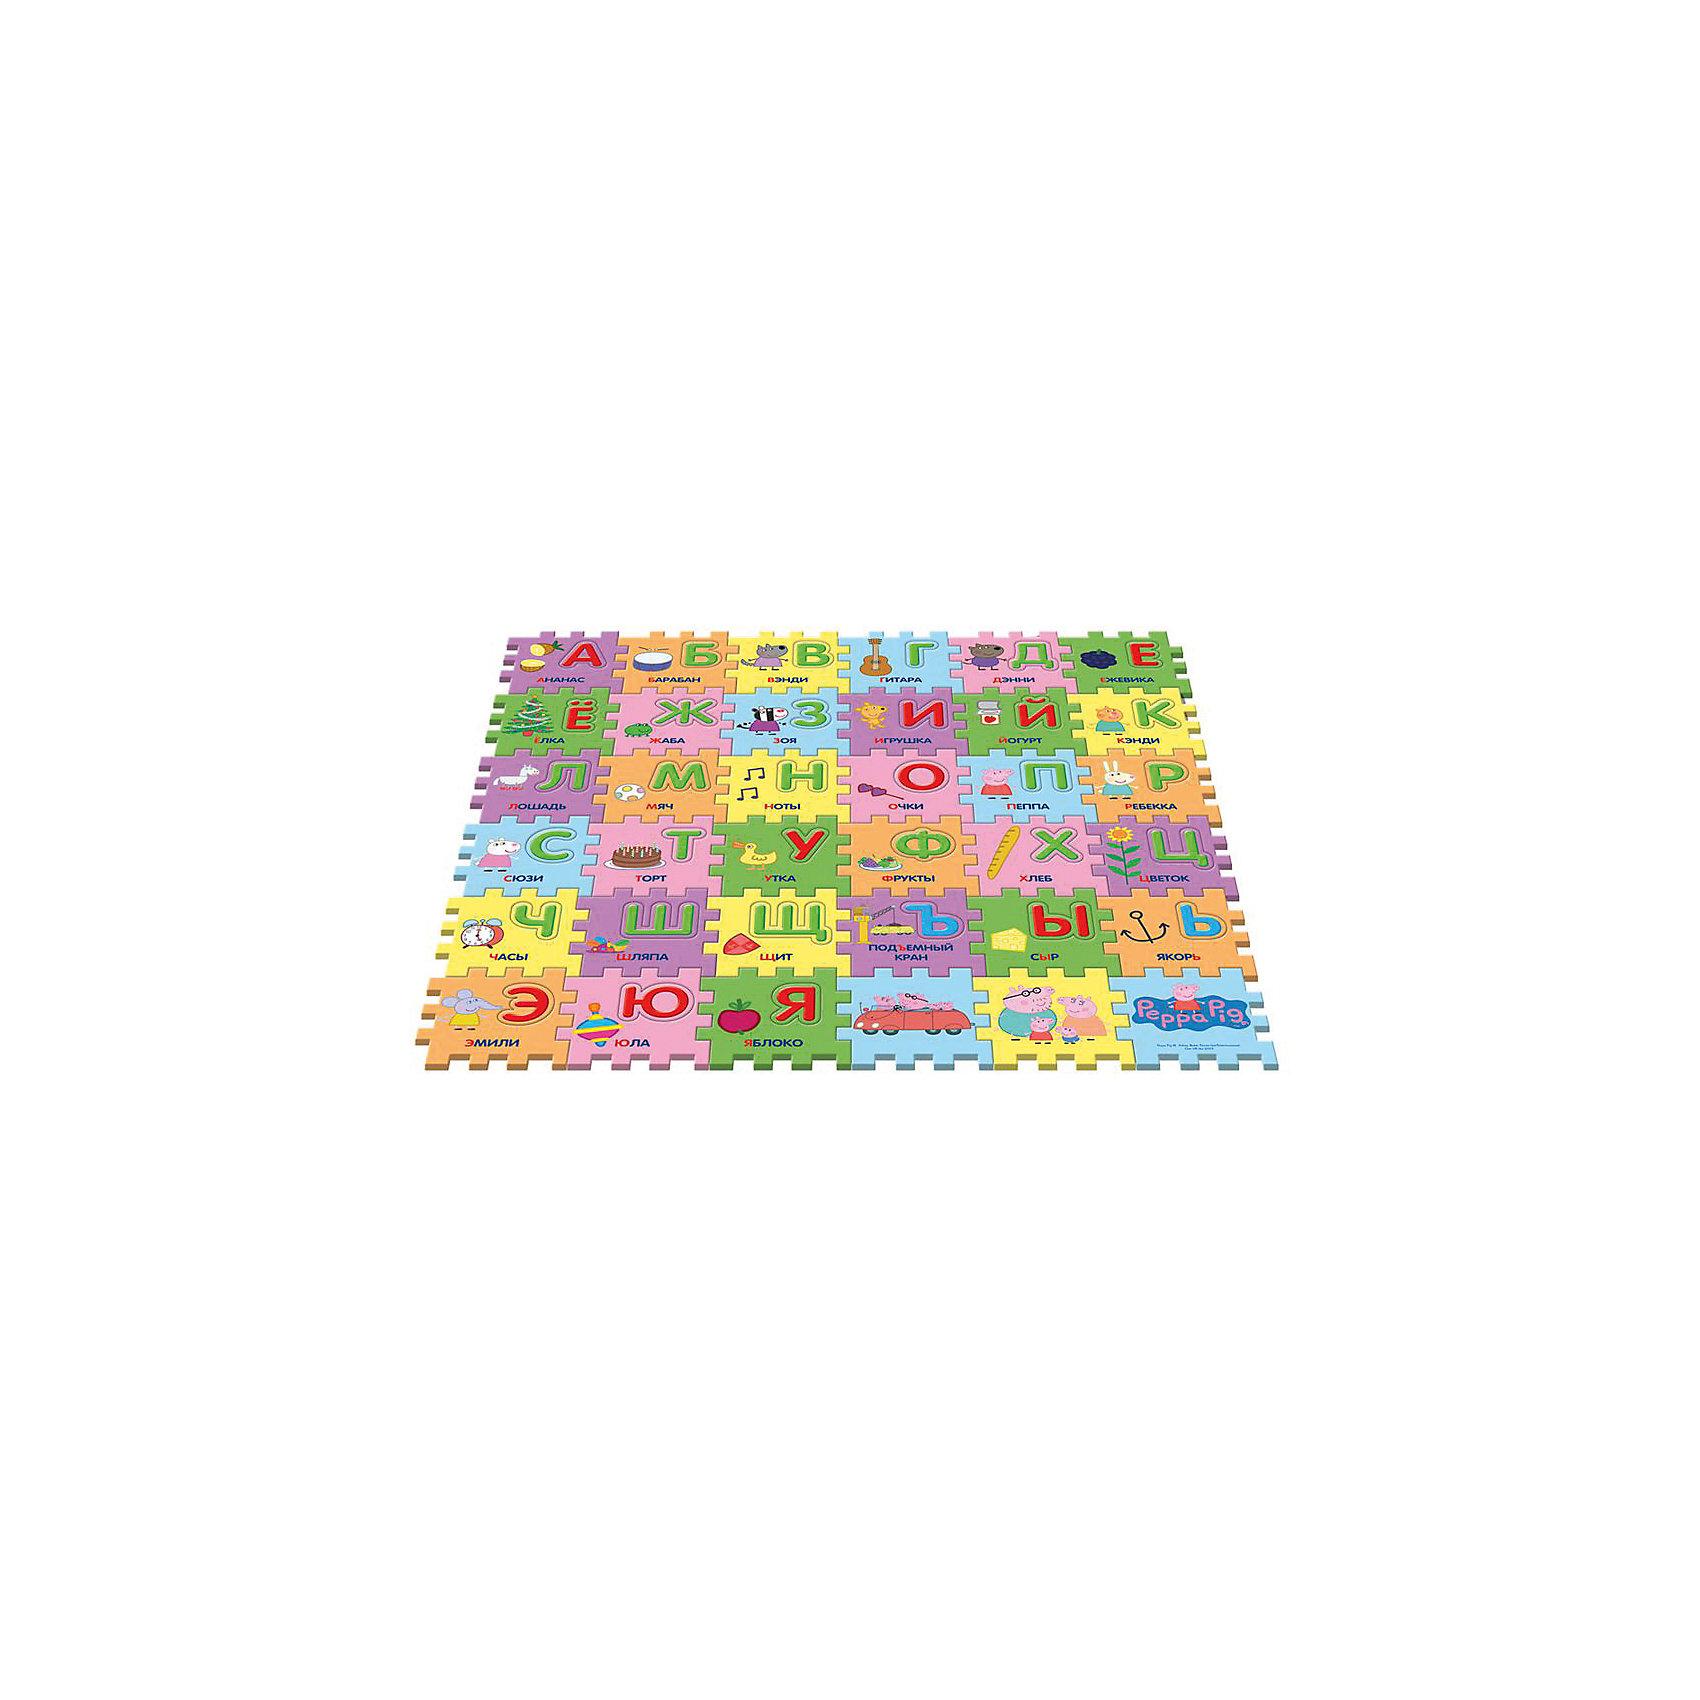 Коврик-пазл Учим азбуку с Пеппой, 36 деталейПредложите малышу поиграть с ковриком-пазлом «Учим азбуку с Пеппой», созданным по мотивам мультфильма «Свинка Пеппа»! Соберите 36 сегментов в единую картинку по образцу на вкладыше, проговаривая, куда вы кладете каждый из них: первый справа в нижнем ряду и т. д. В каждом сегменте есть пустое место, в которое нужно вставить вырезанную букву (на каждом есть изображение предмета или героя мультфильма, подписанное словом, начинающимся на нужную букву). У вас получится мягкий и красивый коврик, на котором можно играть. Вы также можете составлять простые слова из вырезанных букв или целых сегментов. Работа с ковриком-пазлом помогает детям в игровой форме быстро выучить алфавит, развивает образно-пространственное мышление, логику, моторику и тактильное восприятие.&#13;<br><br>Дополнительная информация:<br><br>Коврик-пазл с вырезанными буквами включает 36 сегментов (15х15х1 см), выполненных из мягкого, приятного на ощупь материала EVA. <br>Размер коврика в собранном виде: 90х90х1 см. <br>Размер упаковки: 45х5,5х30 см.<br><br>Коврик-пазл Учим азбуку с Пеппой, 36 деталей можно купить в нашем магазине.<br><br>Ширина мм: 460<br>Глубина мм: 310<br>Высота мм: 60<br>Вес г: 687<br>Возраст от месяцев: 36<br>Возраст до месяцев: 84<br>Пол: Унисекс<br>Возраст: Детский<br>SKU: 4565559